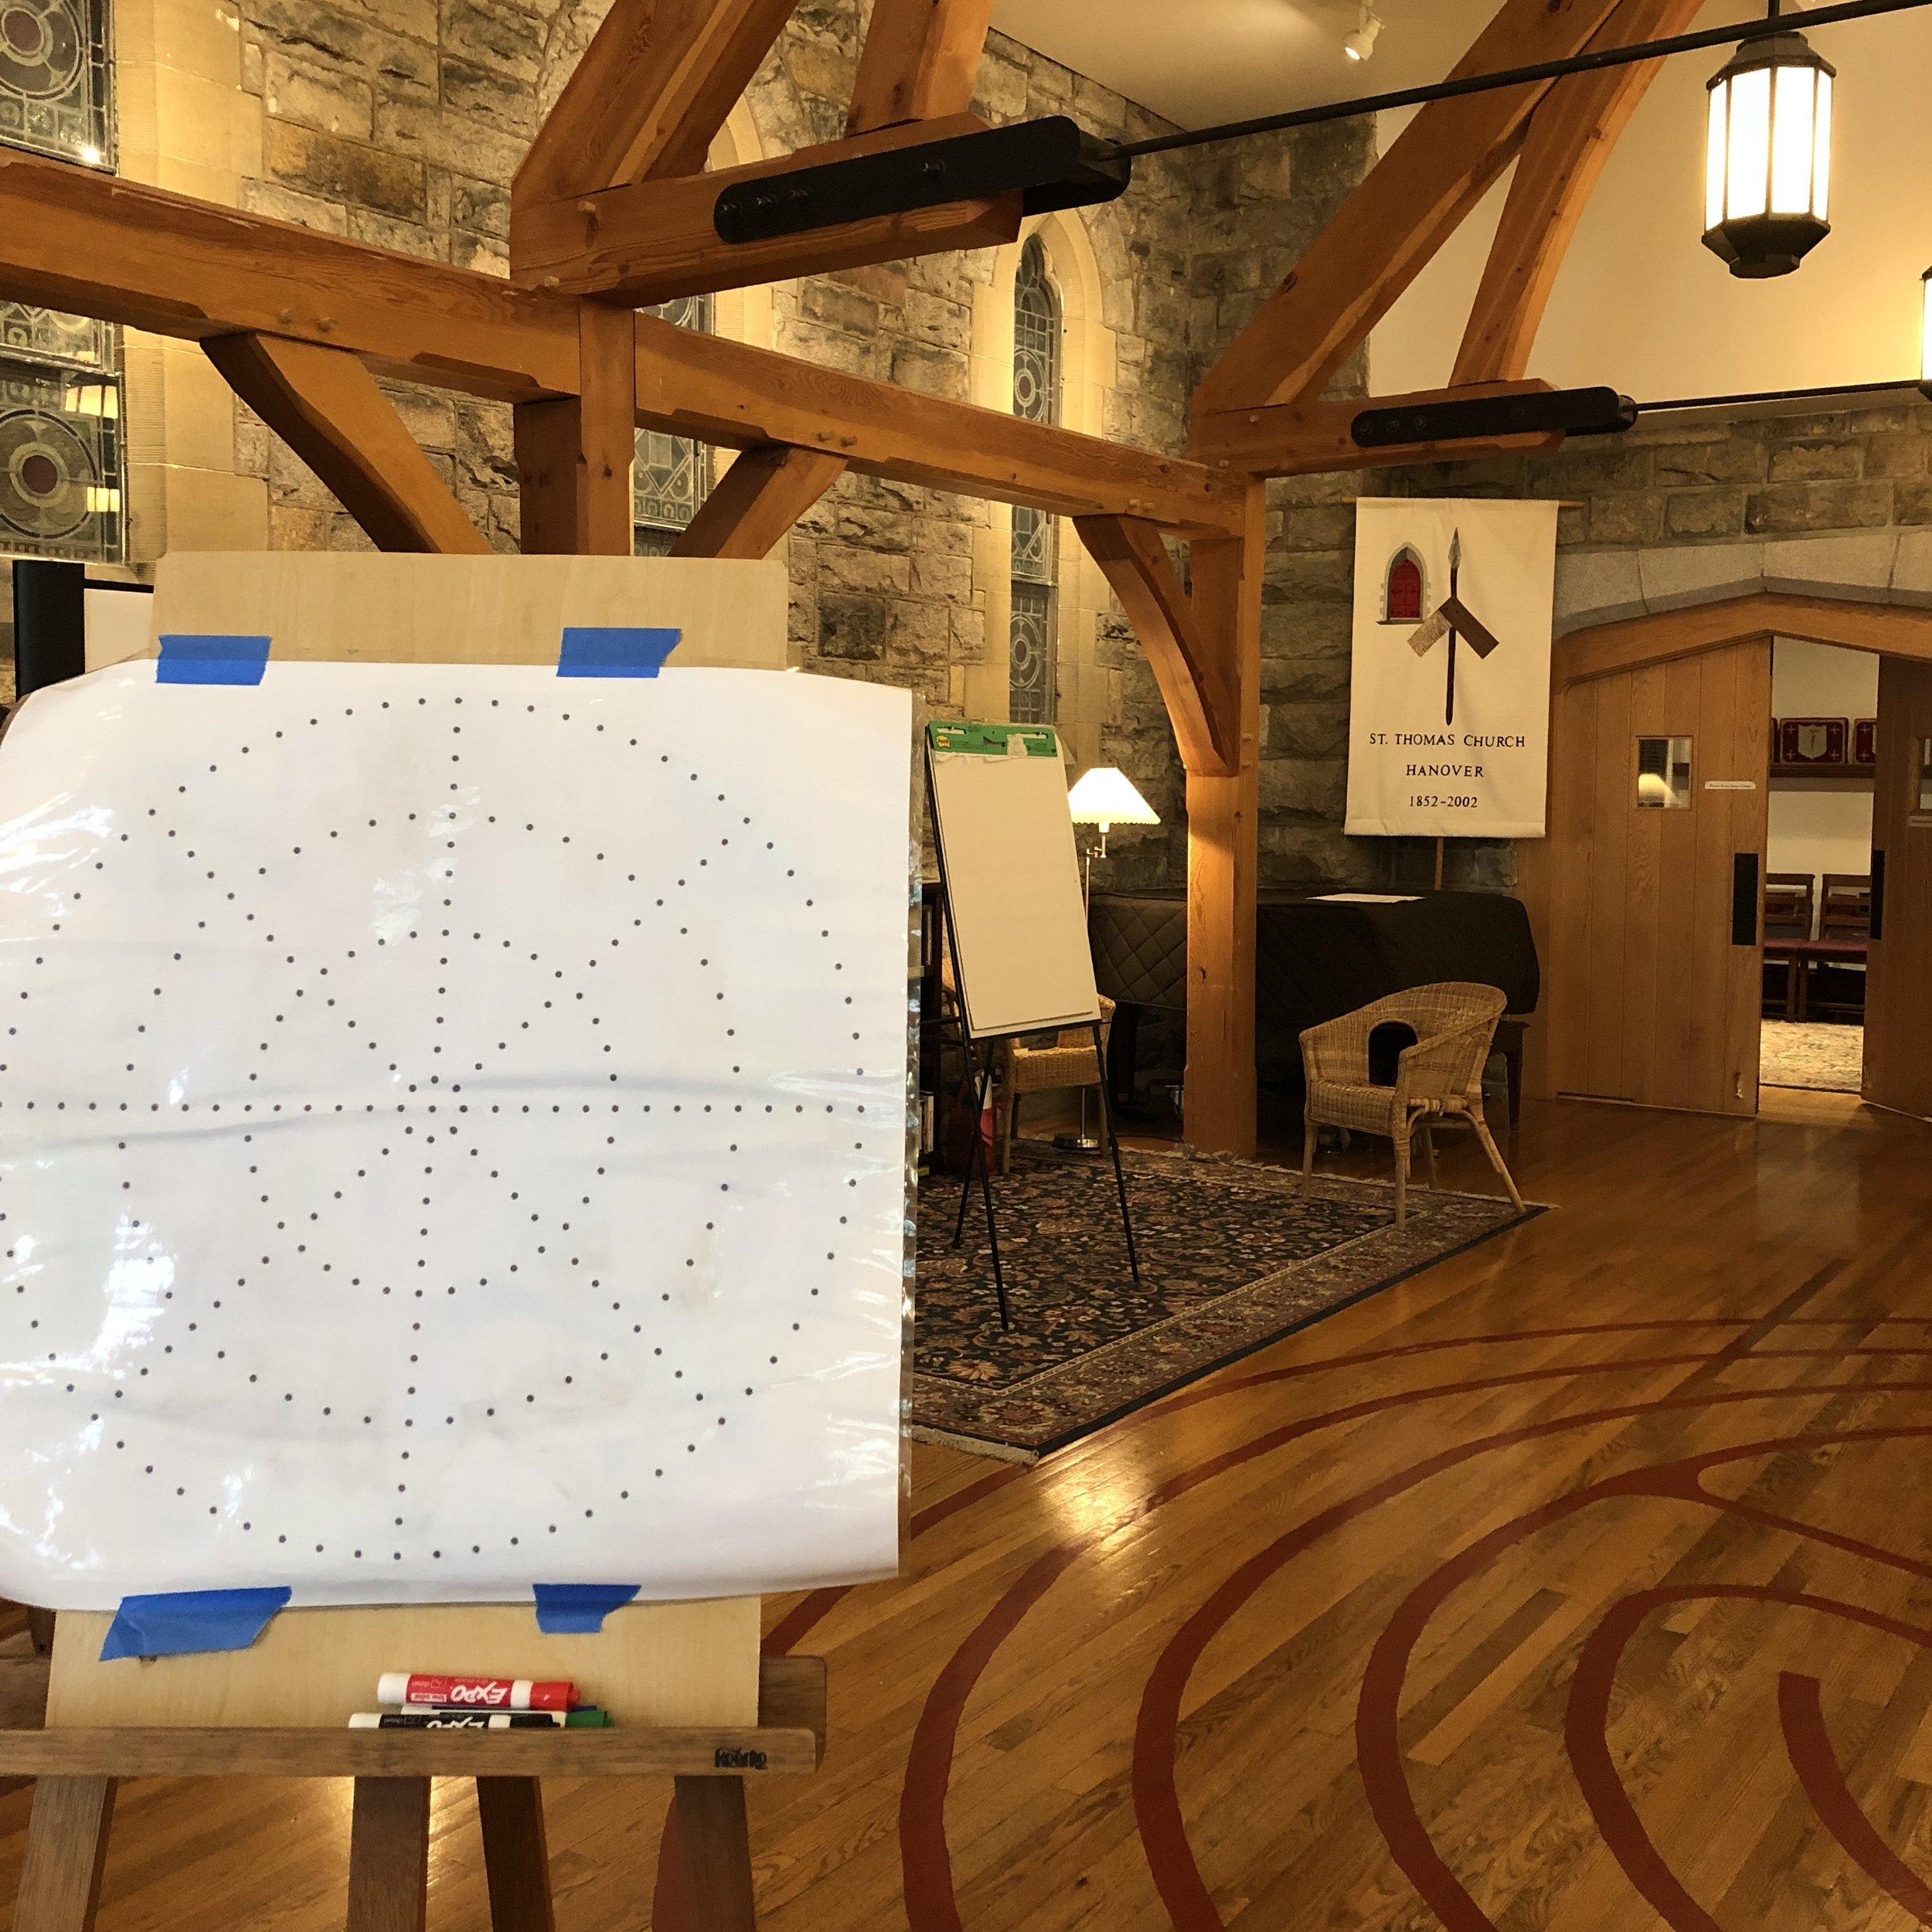 Mandala drawing workshop at St. Thomas Church, Hanover, NH -